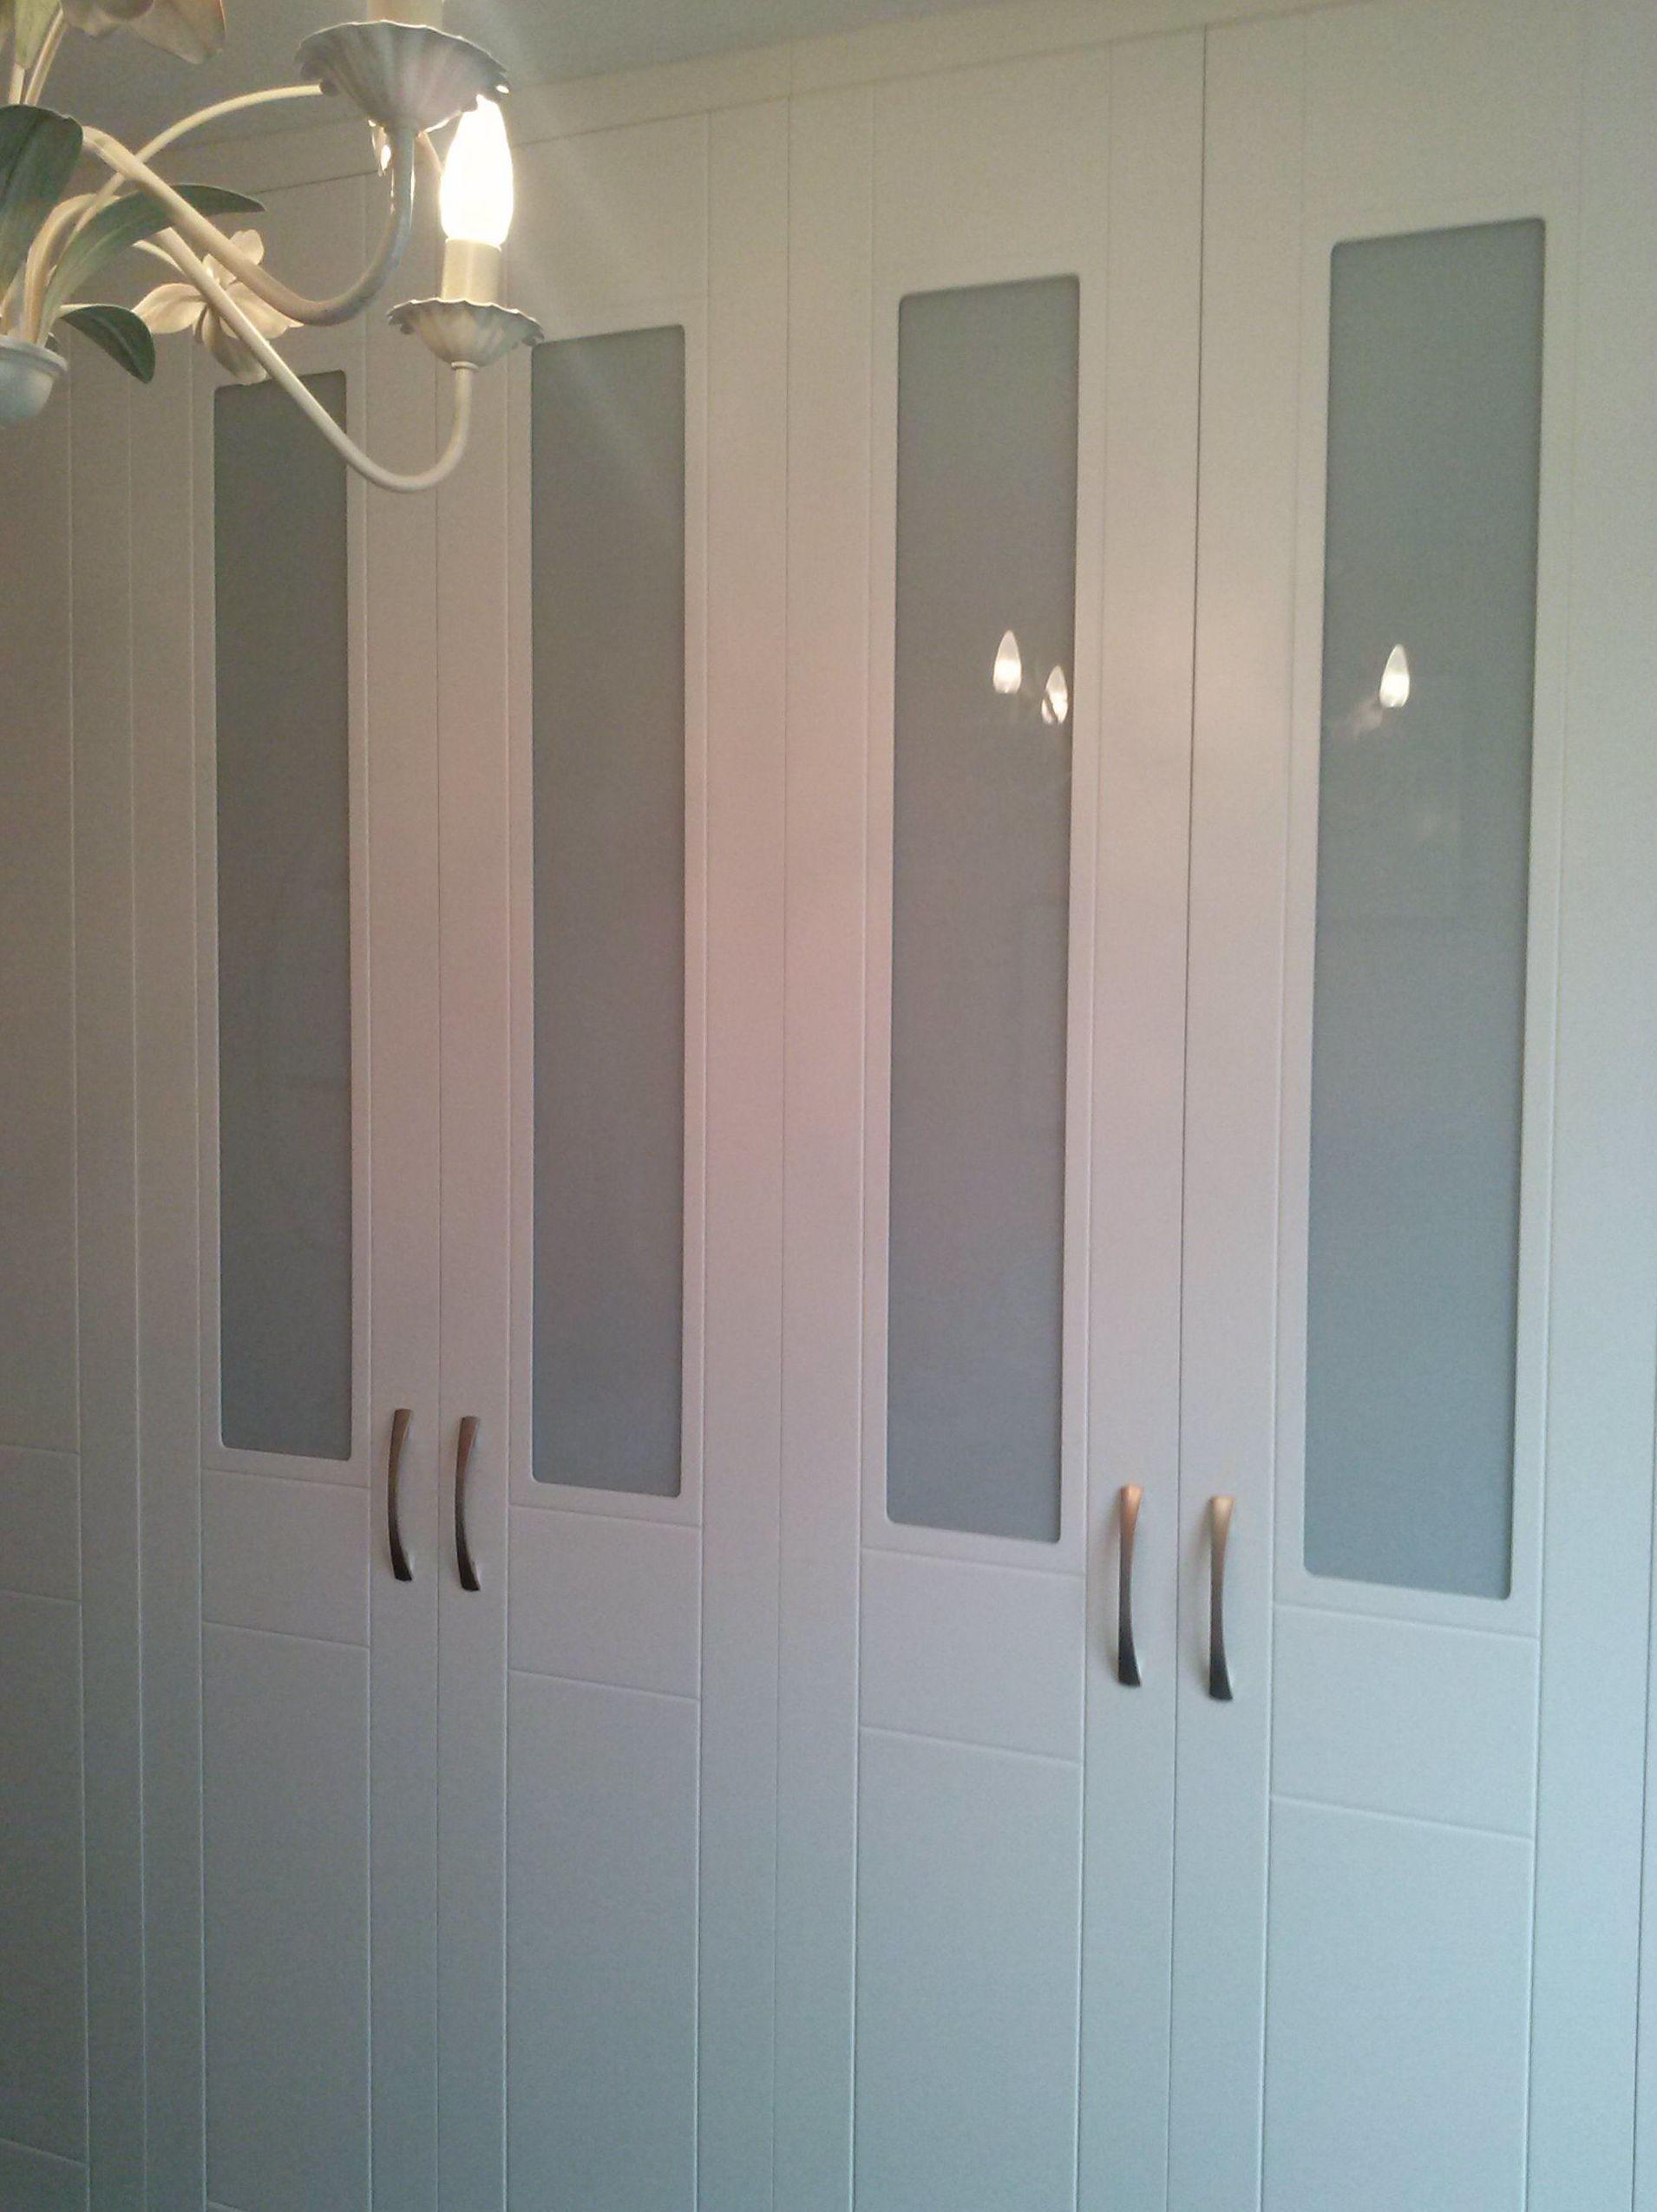 Armario empotrado blanco y gris con puertas abatibles - Puertas abatibles para armarios empotrados ...